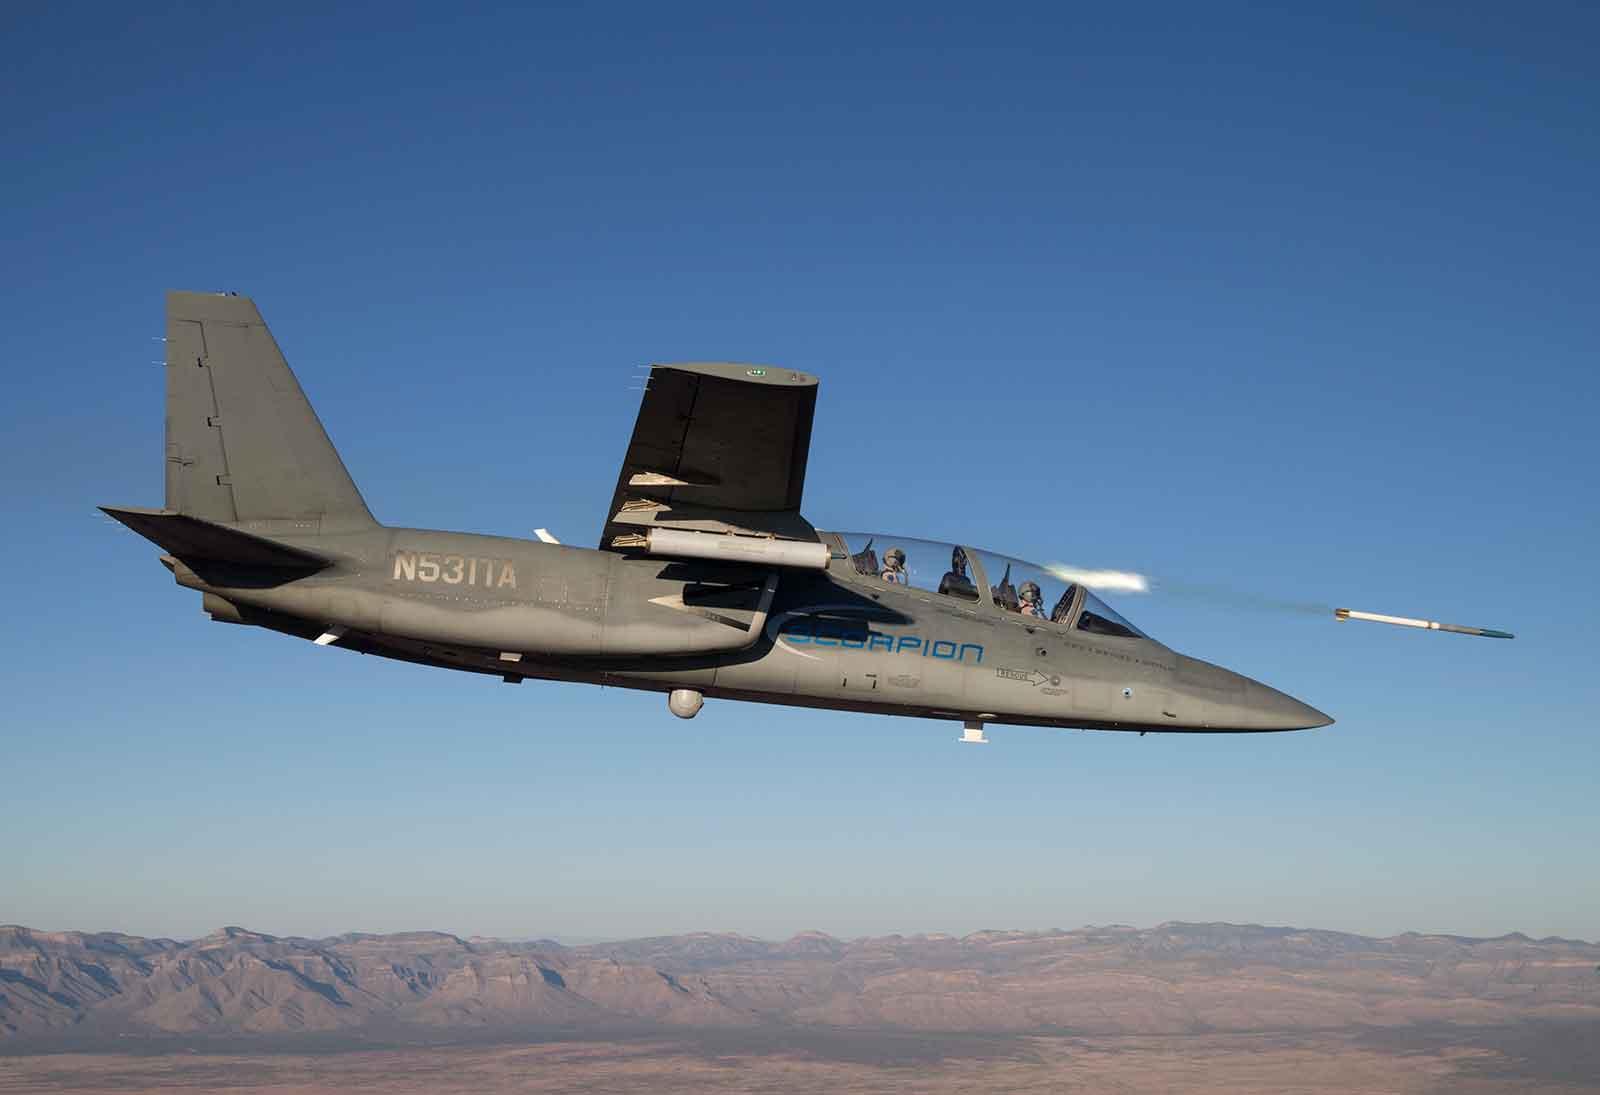 Scorpion jet releasing an APKWS rocket